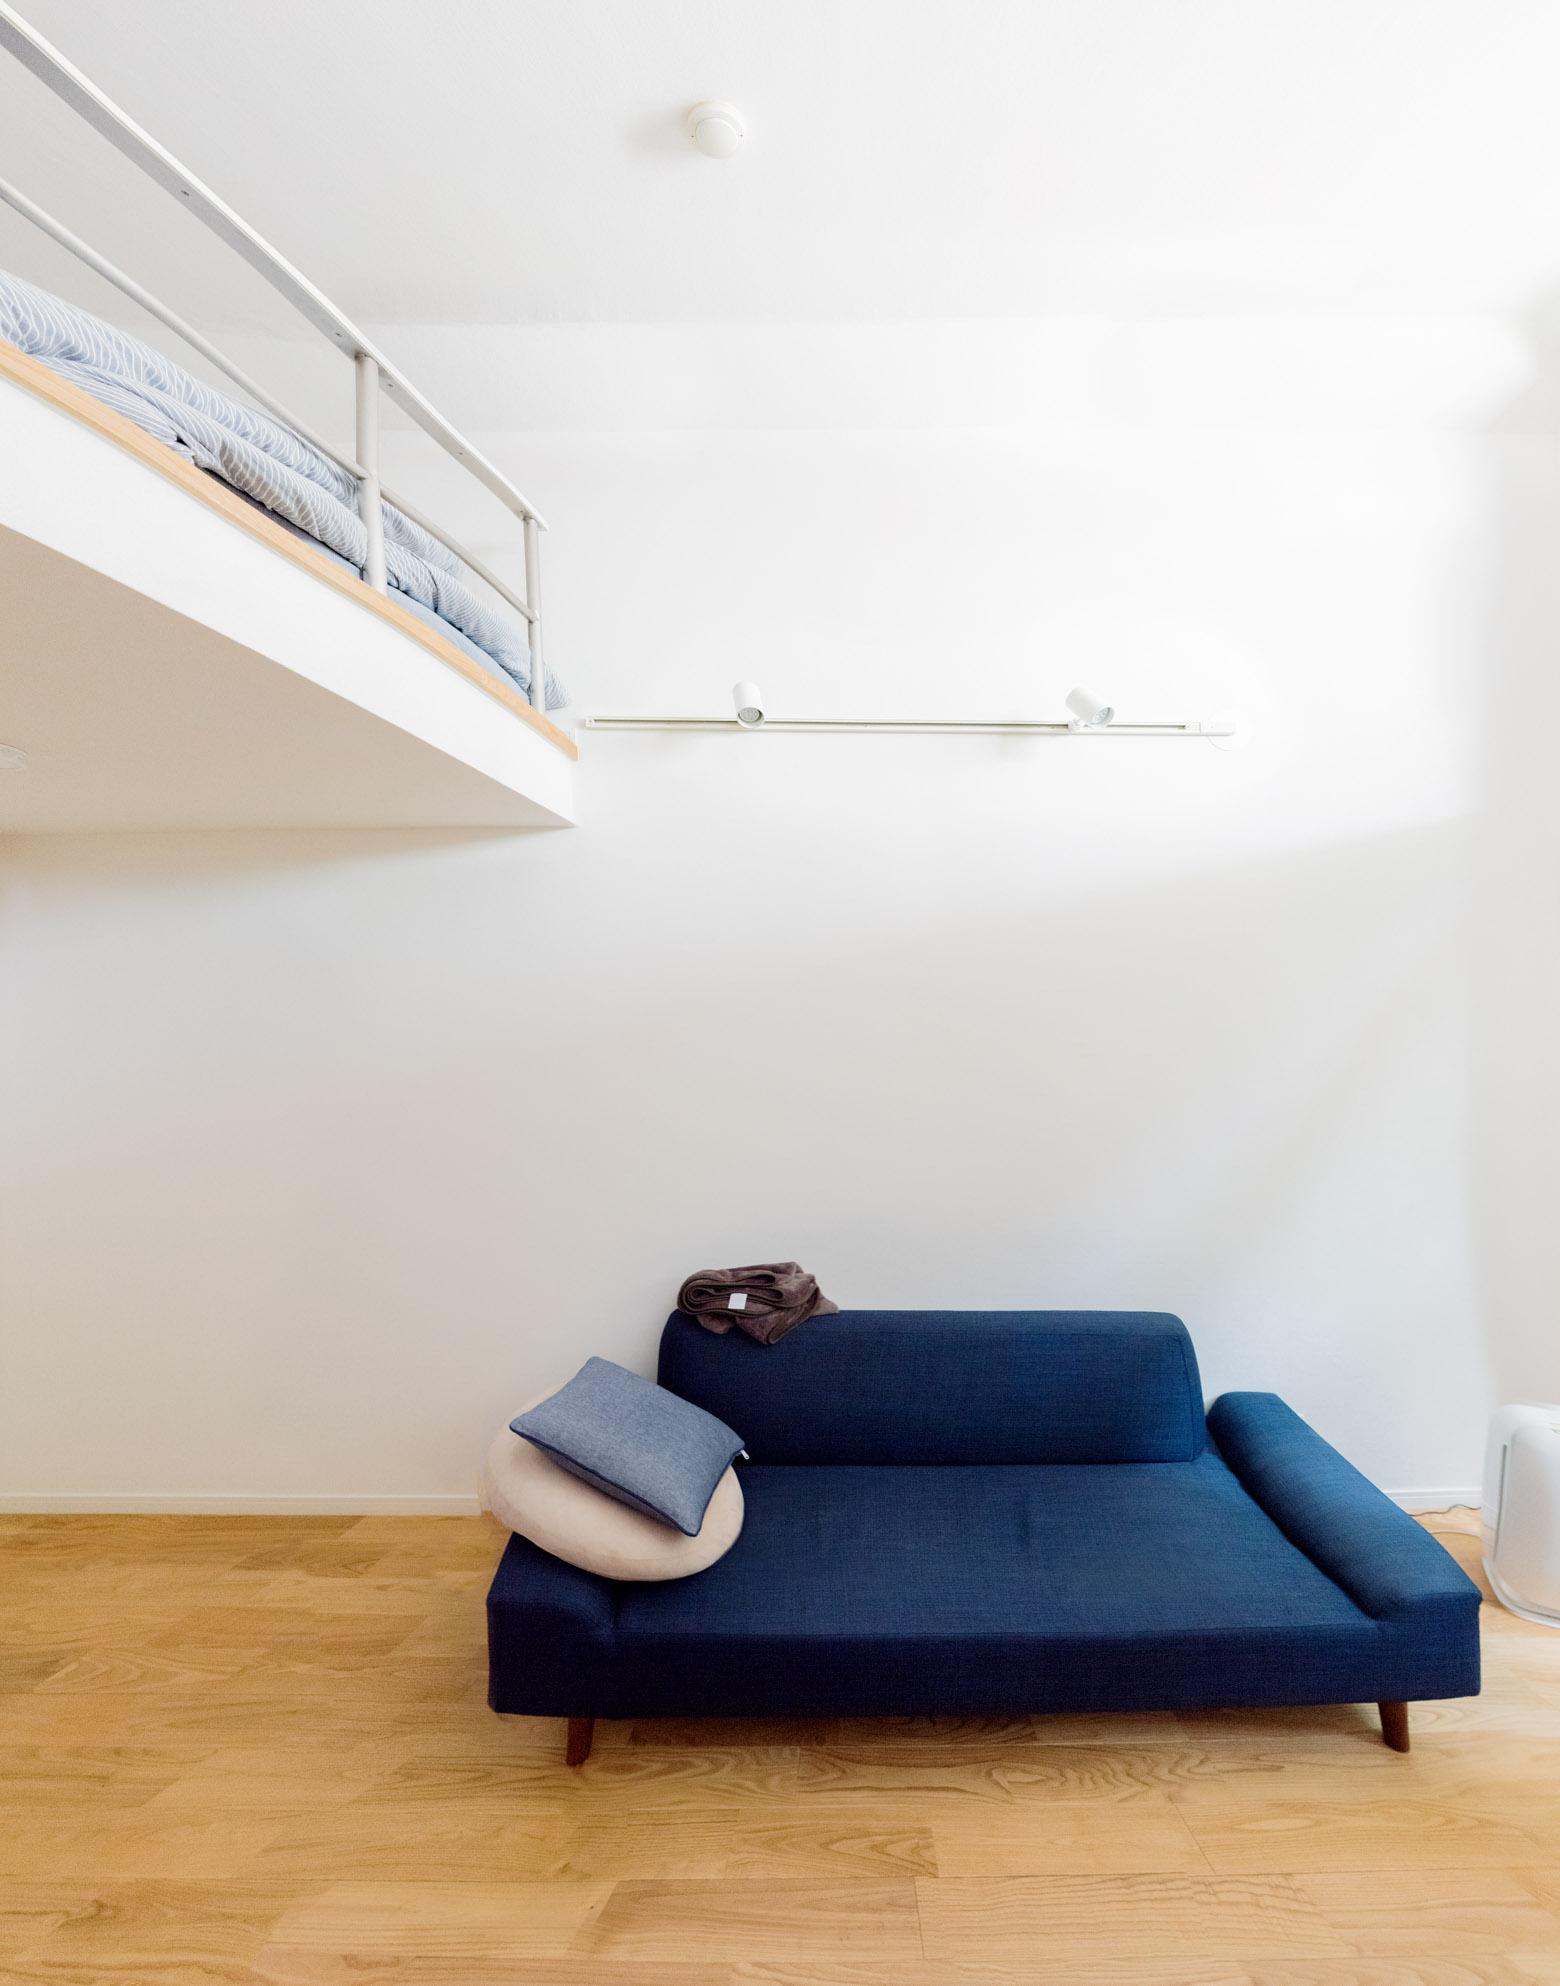 まるでモデルルームのようなシンプルさが天井高とあいまって広々と感じさせている。